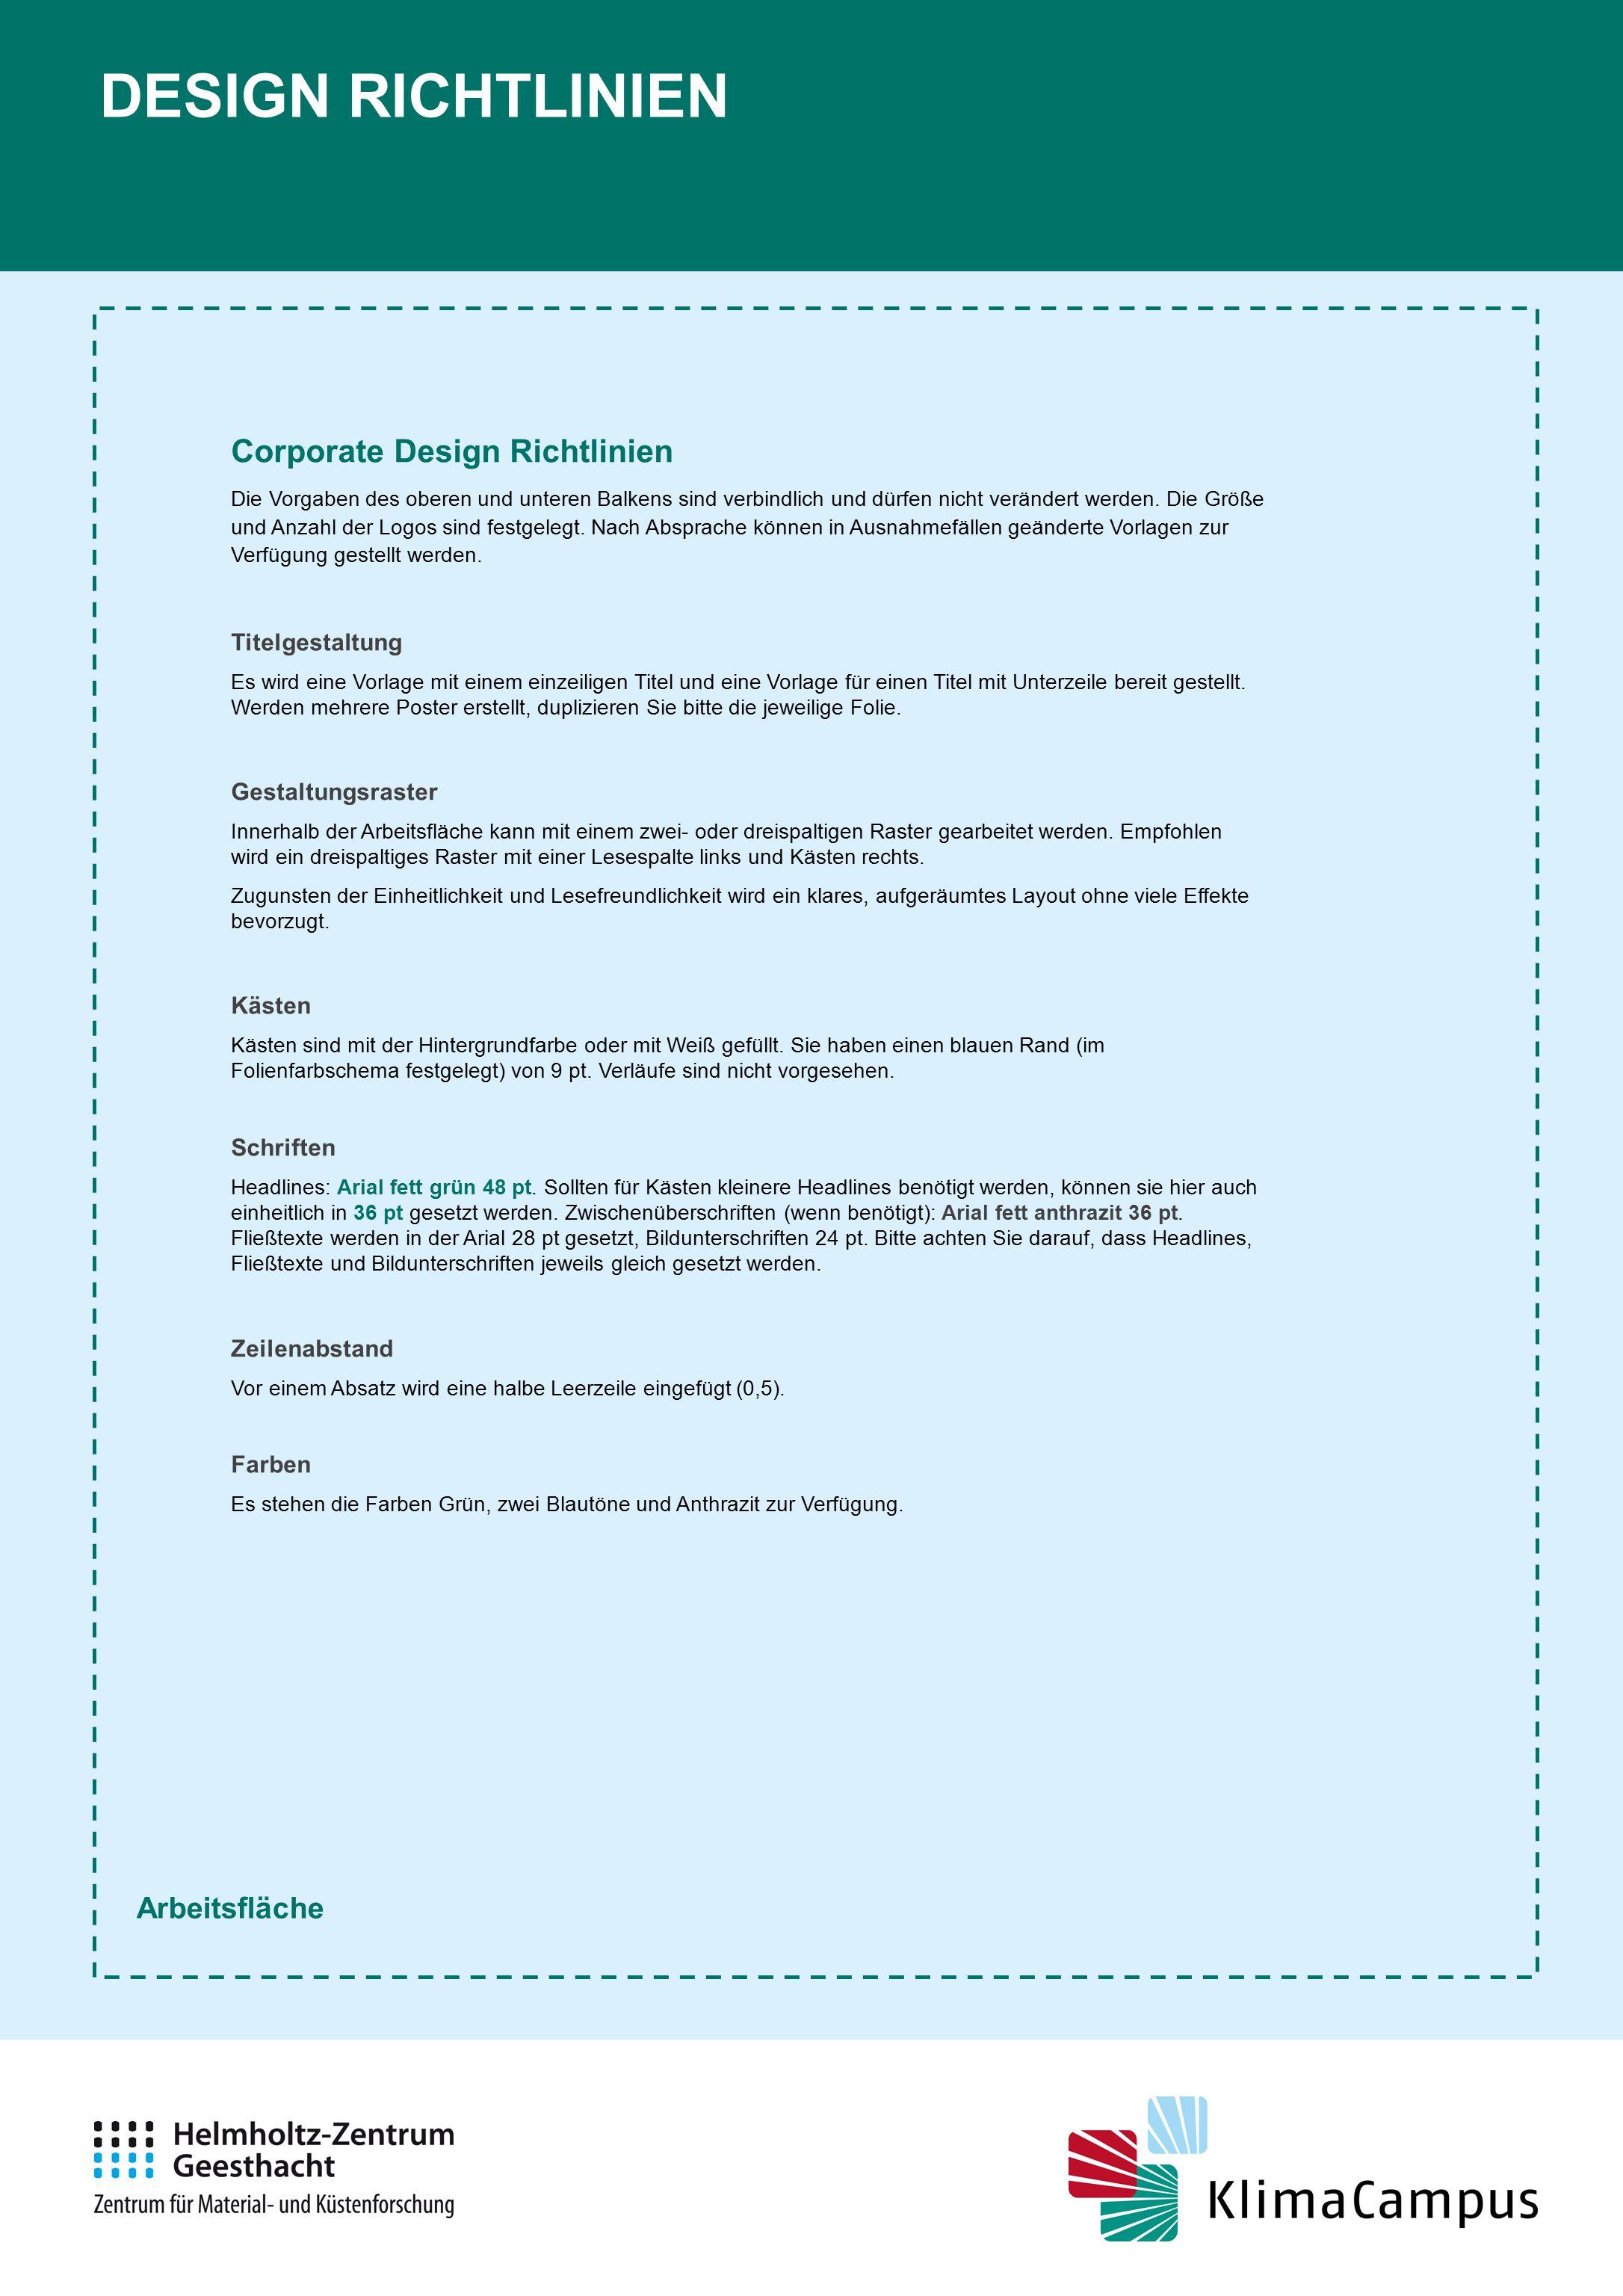 Corporate Design Richtlinien Die Vorgaben des oberen und unteren Balkens sind verbindlich und dürfen nicht verändert werden. Die Größe und Anzahl der